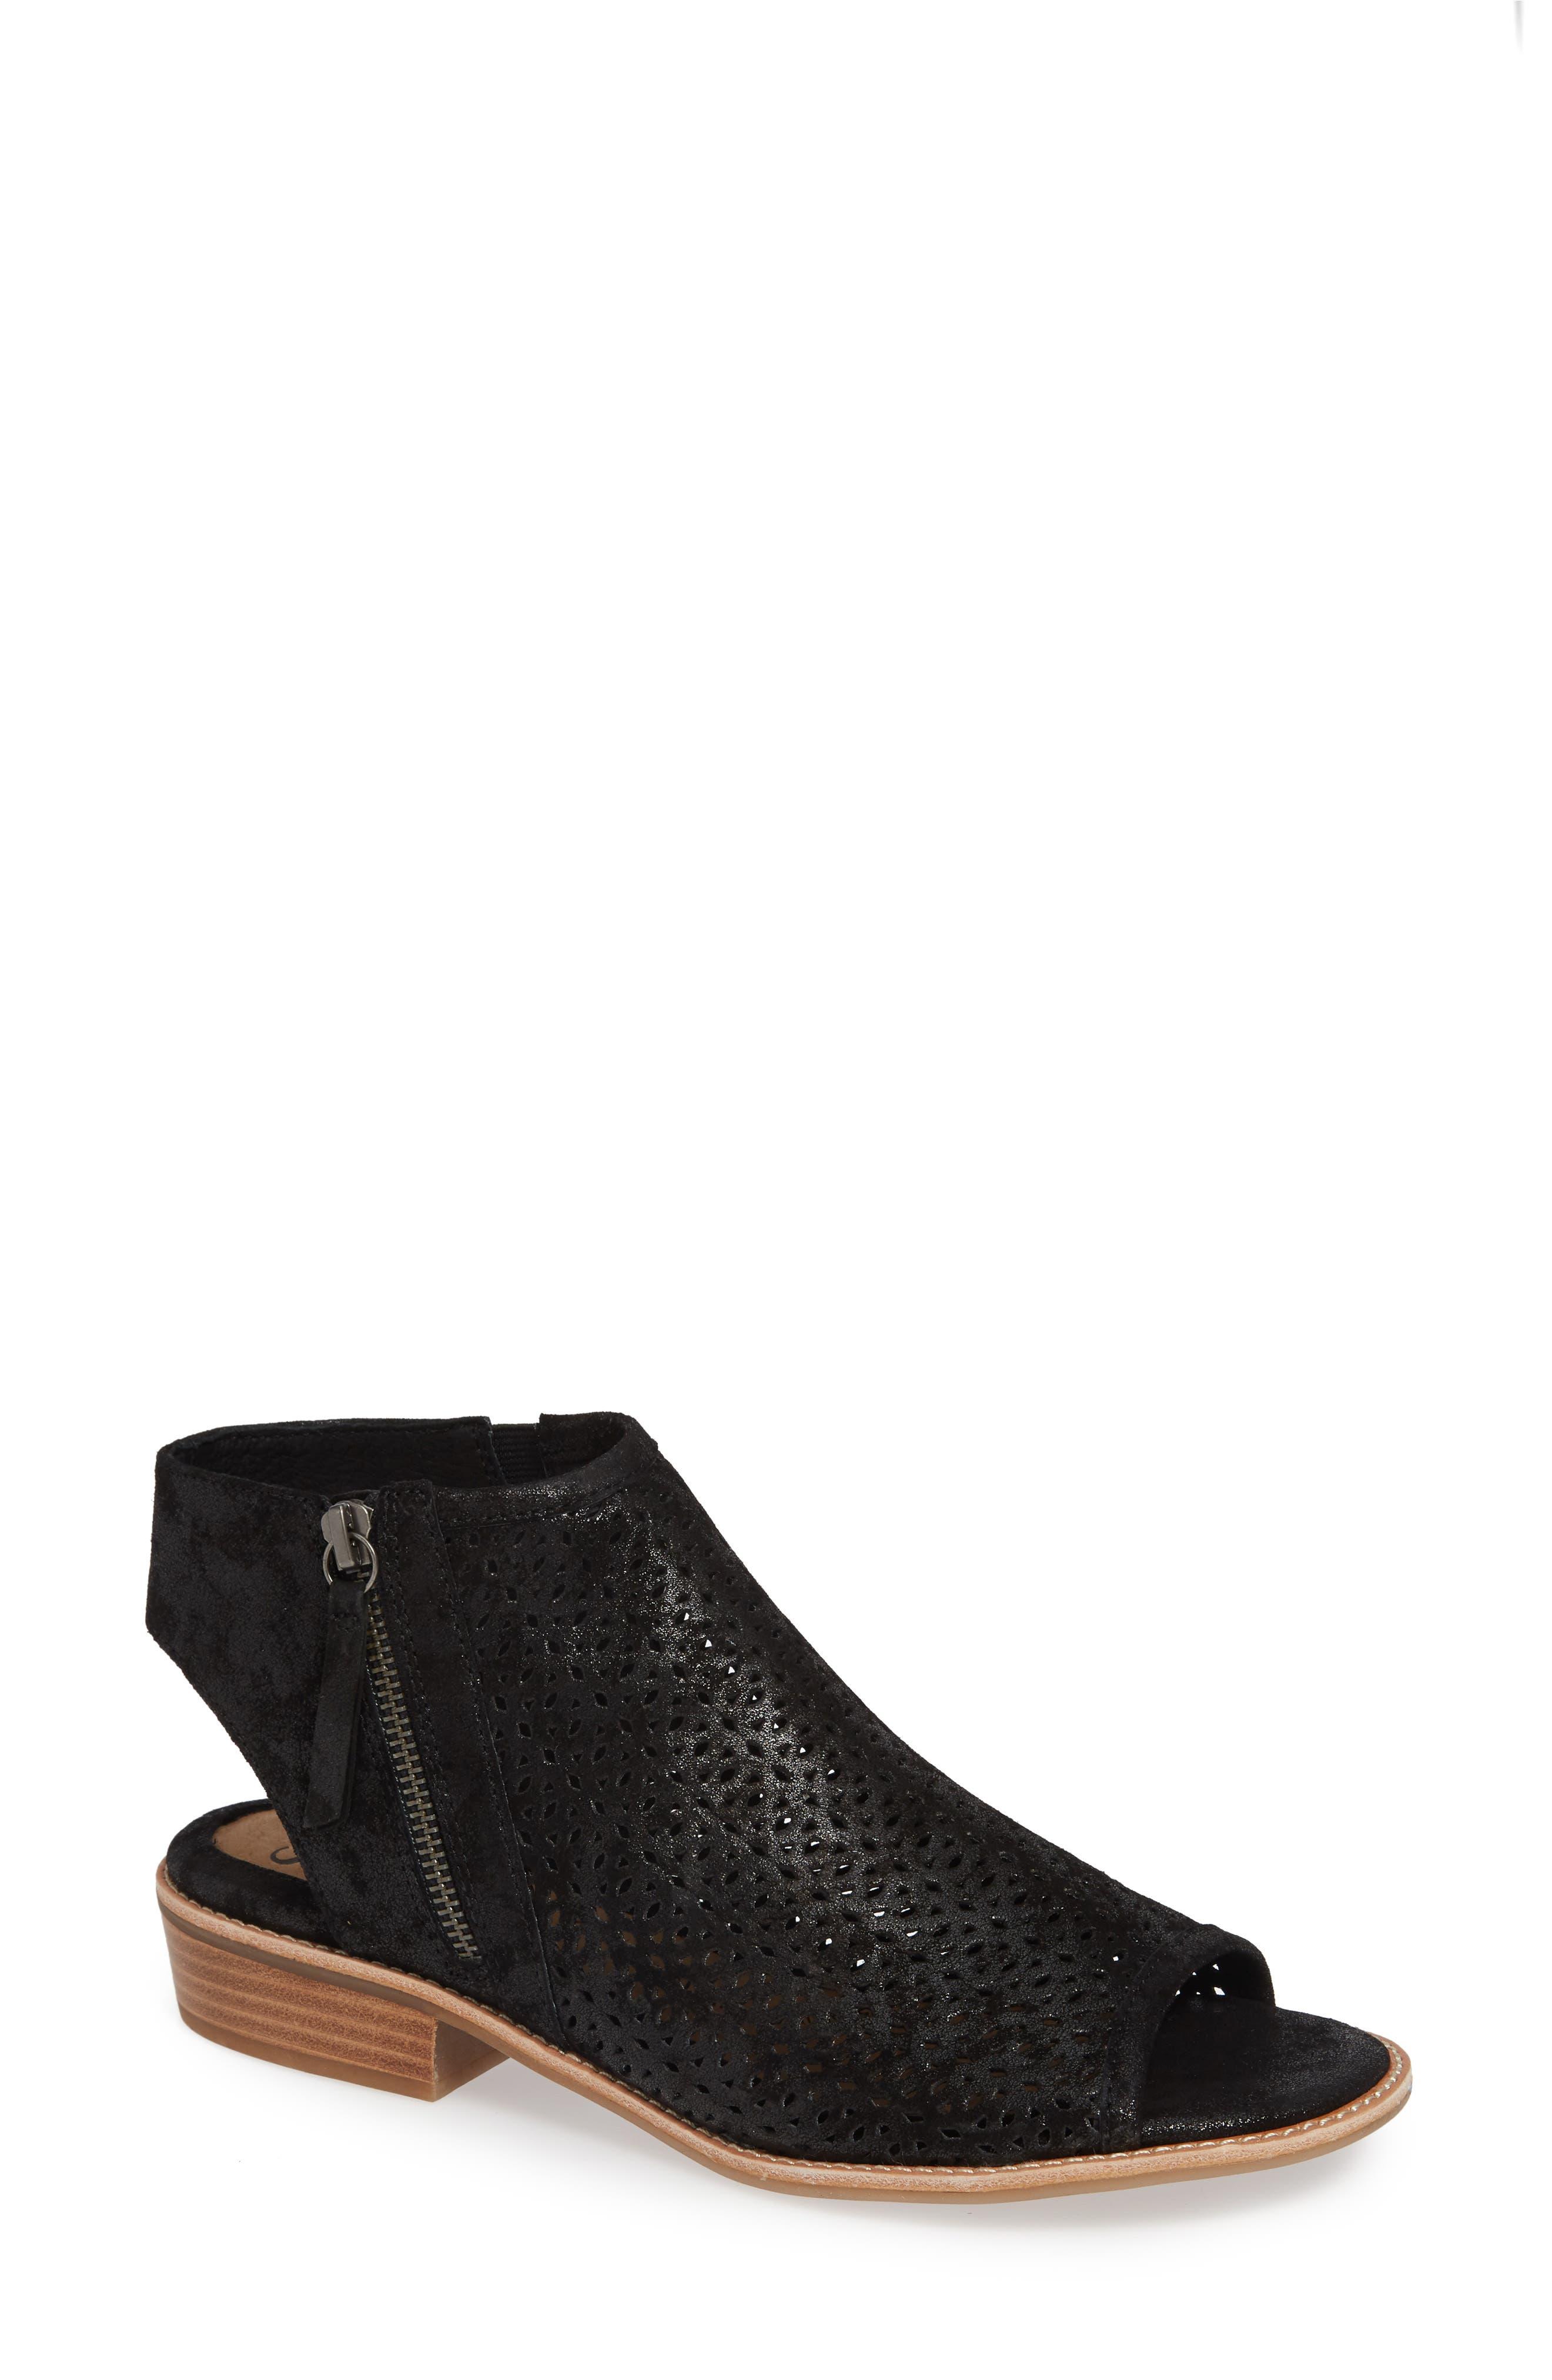 Natesa Perforated Sandal,                         Main,                         color, BLACK SUEDE